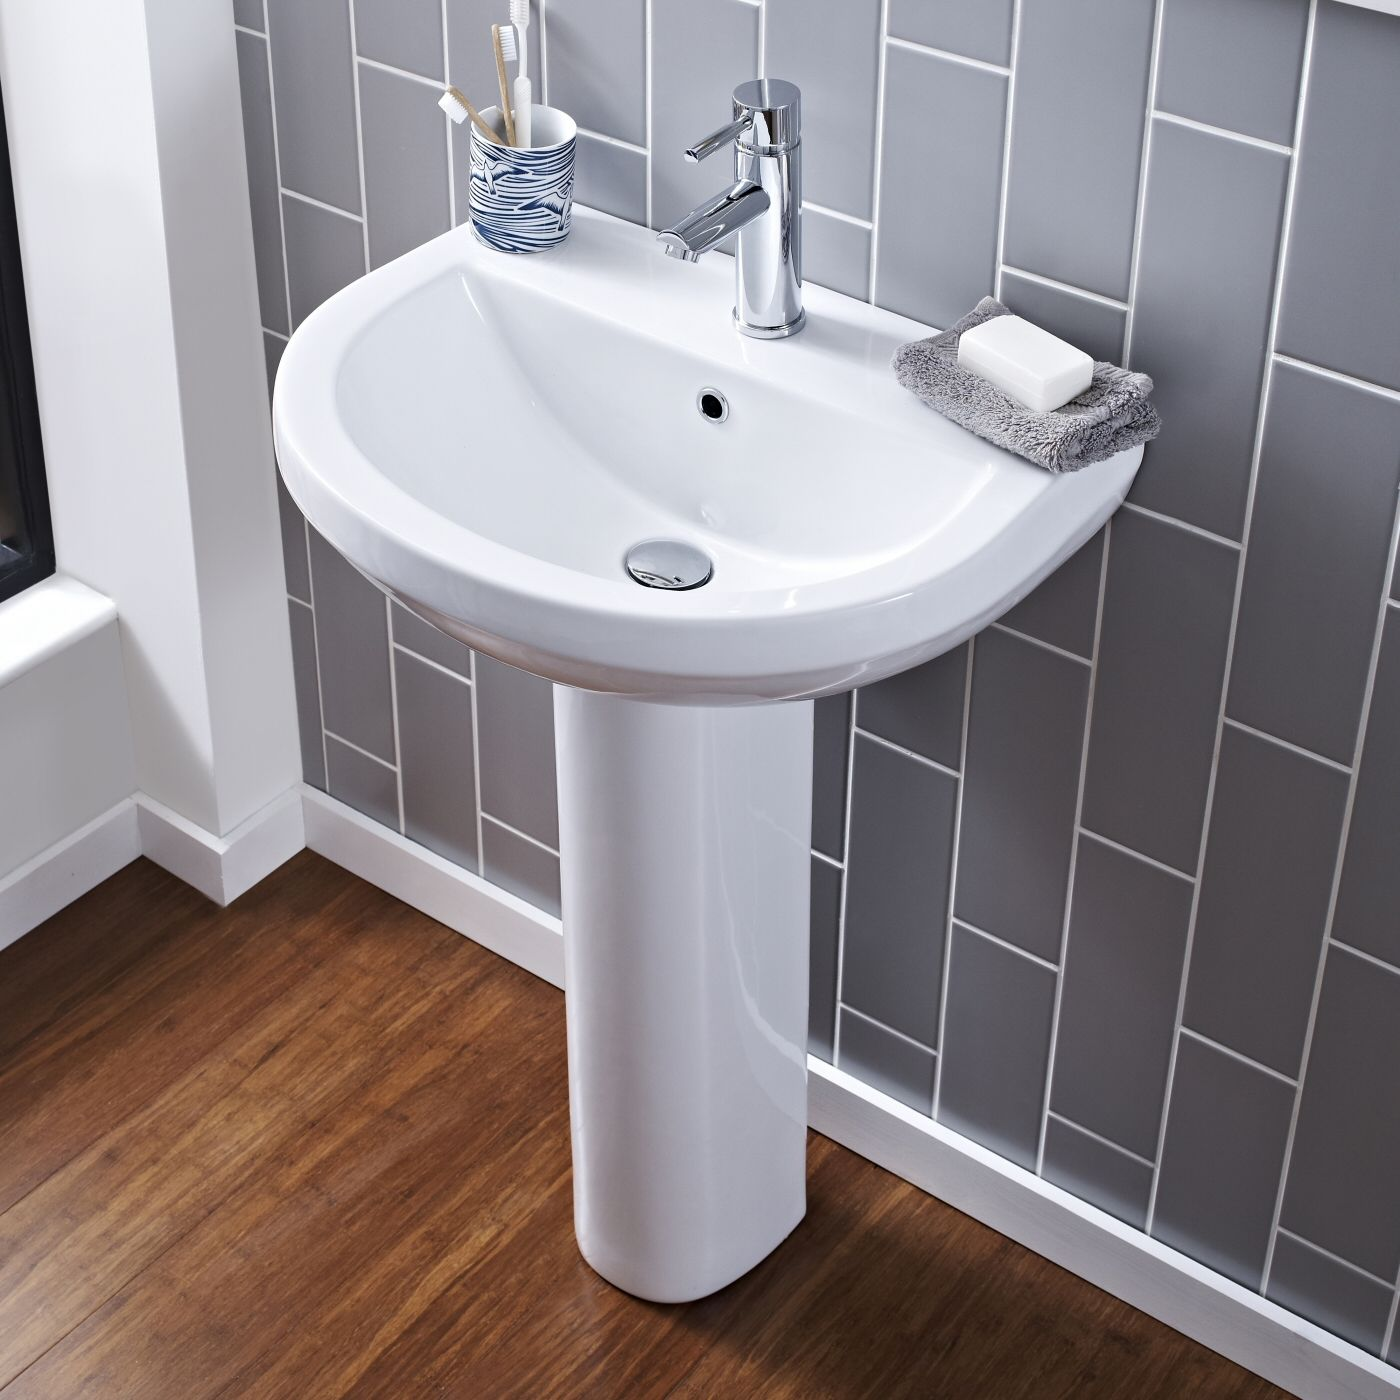 Lavabo y pedestal en cer mica en estilo moderno 550mm - Fotos lavabos modernos ...